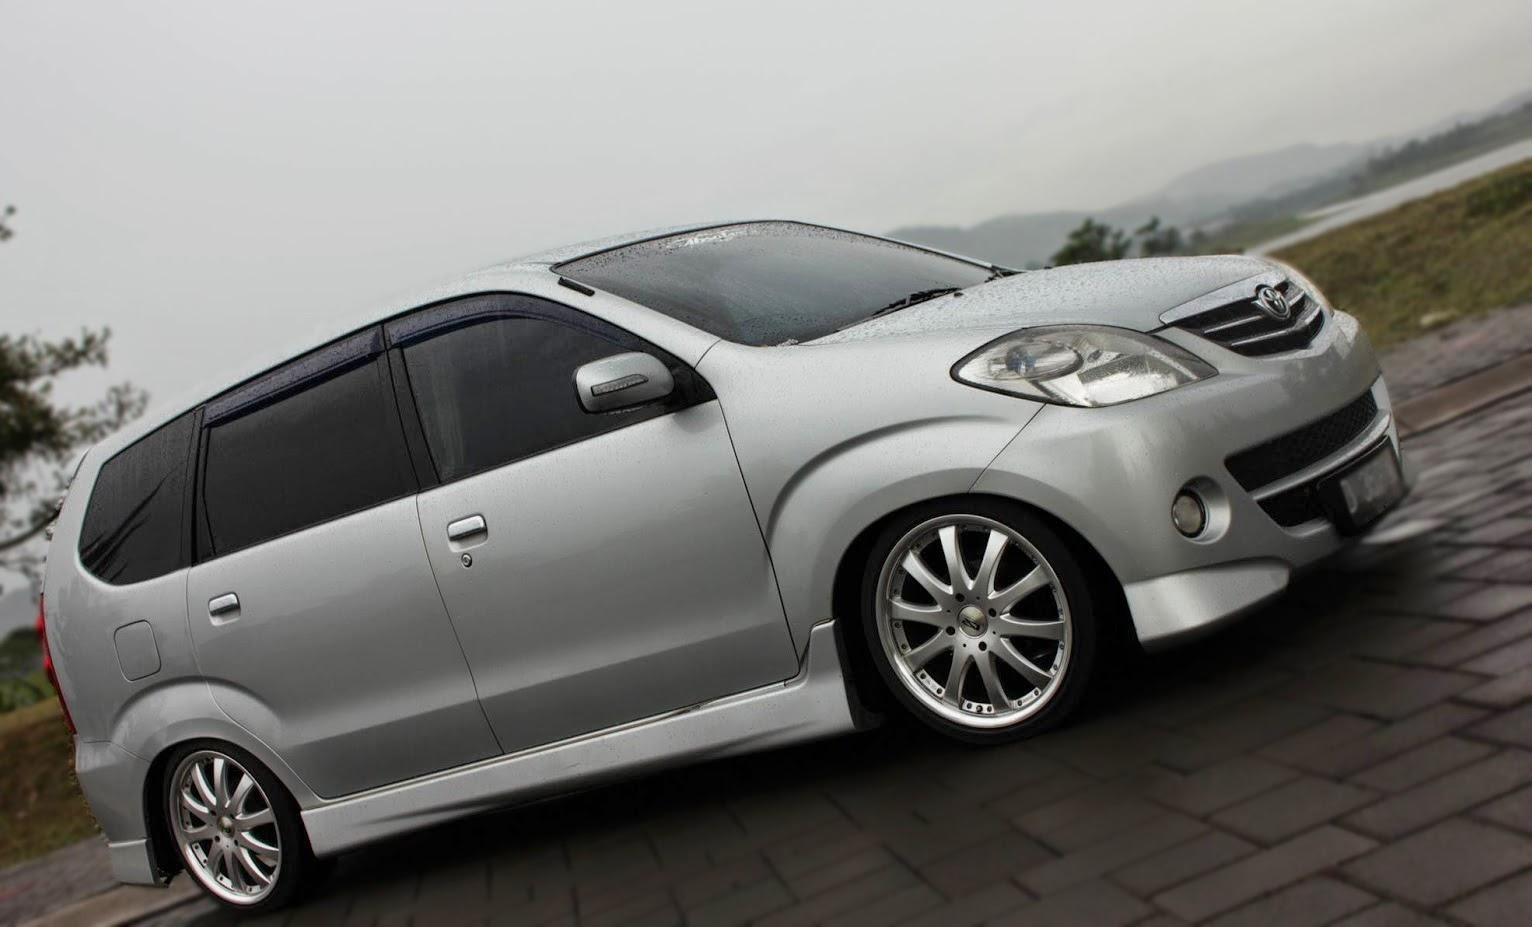 Tampilan dari samping kanan Modifikasi Toyota Avanza 2006 dengan ...